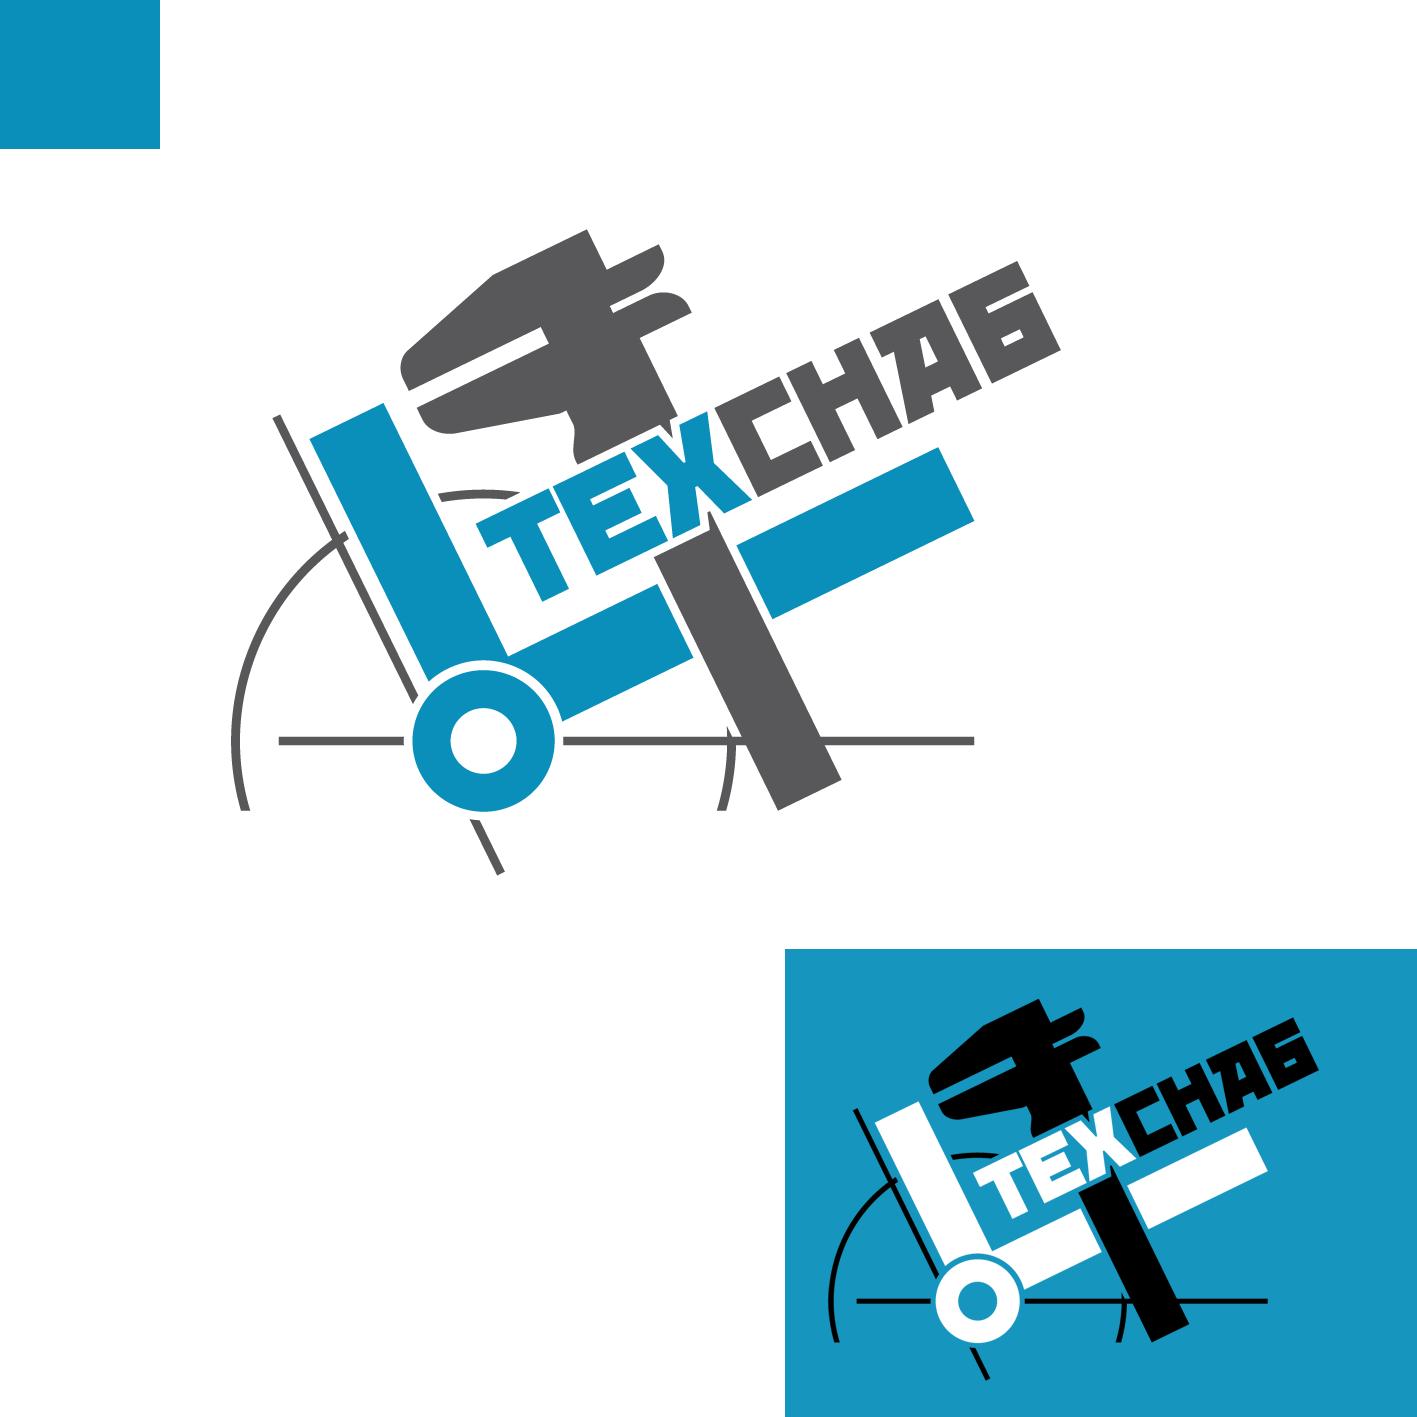 Разработка логотипа и фирм. стиля компании  ТЕХСНАБ фото f_6155b1f828869e9a.png